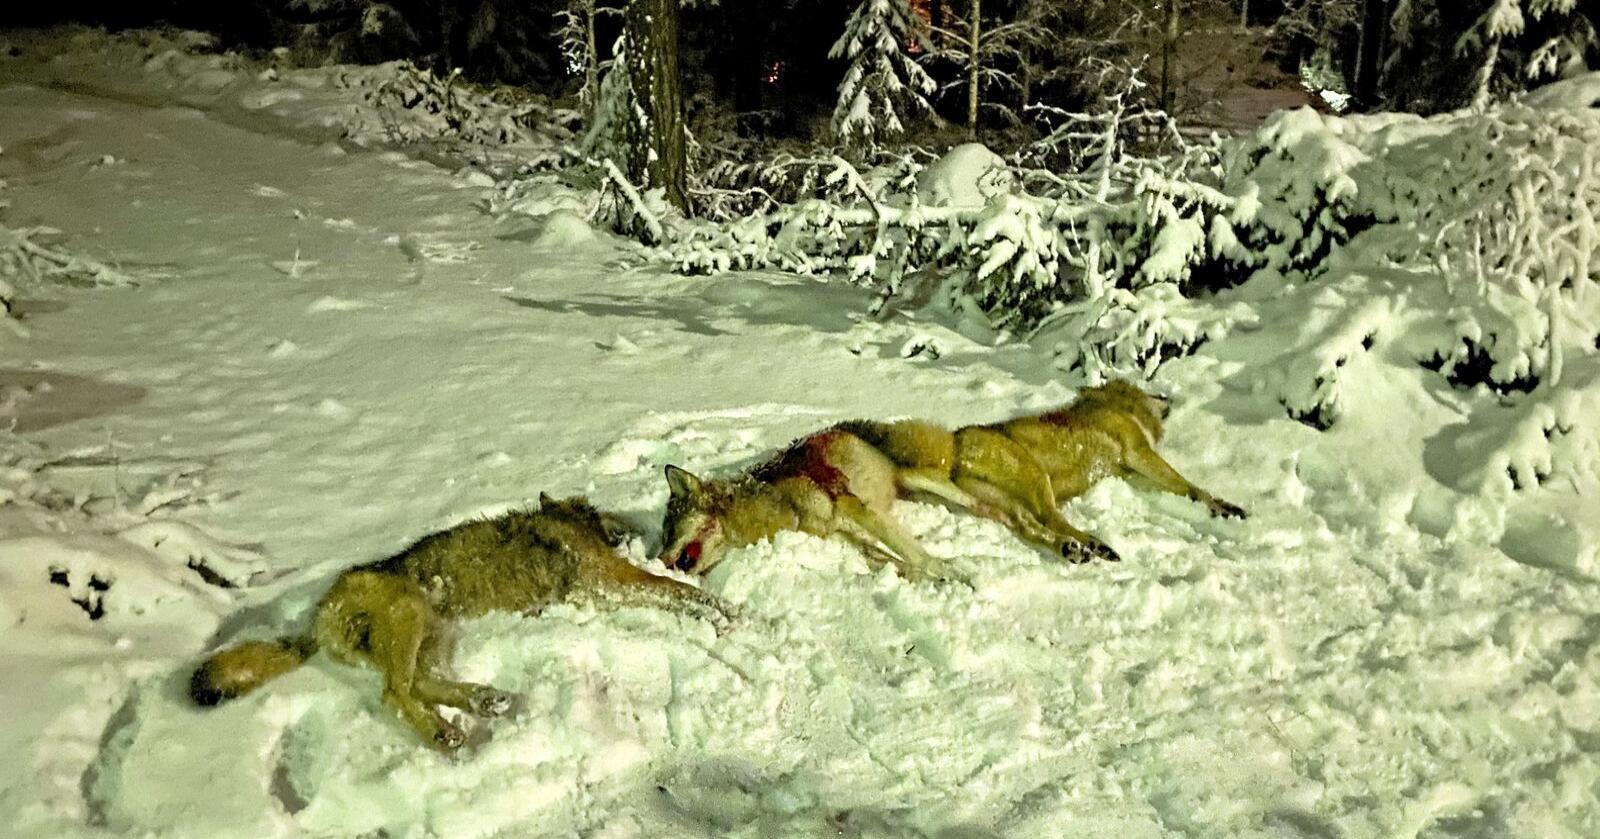 Totalt er det nå felt 10 ulver i Kynnareviret. Foto: Kristian Noer